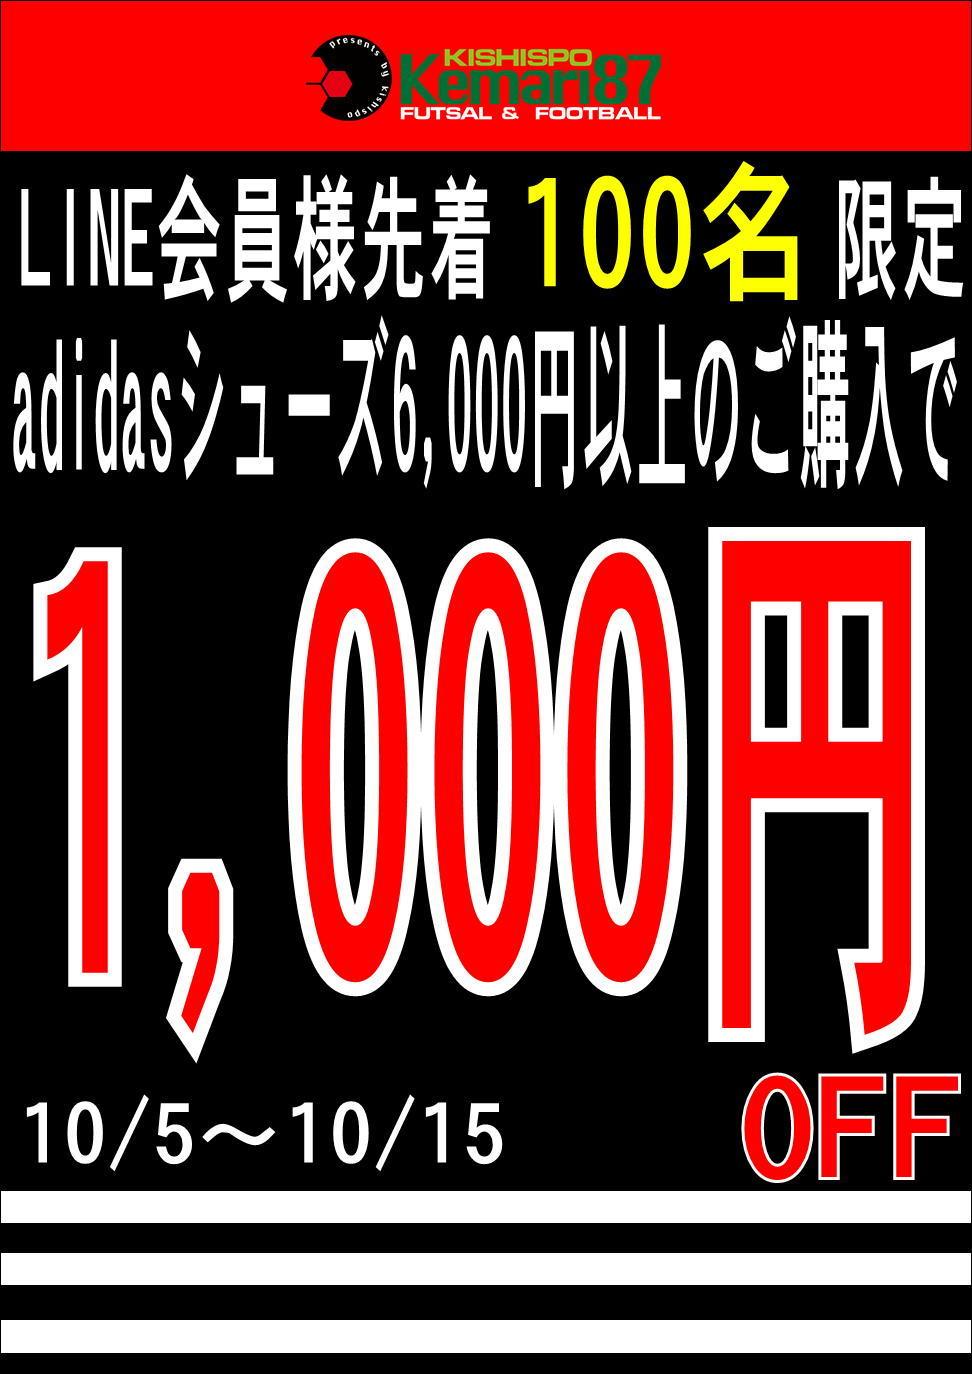 【クーポンイベント 終了迫る(!)】_e0157573_20572765.jpg